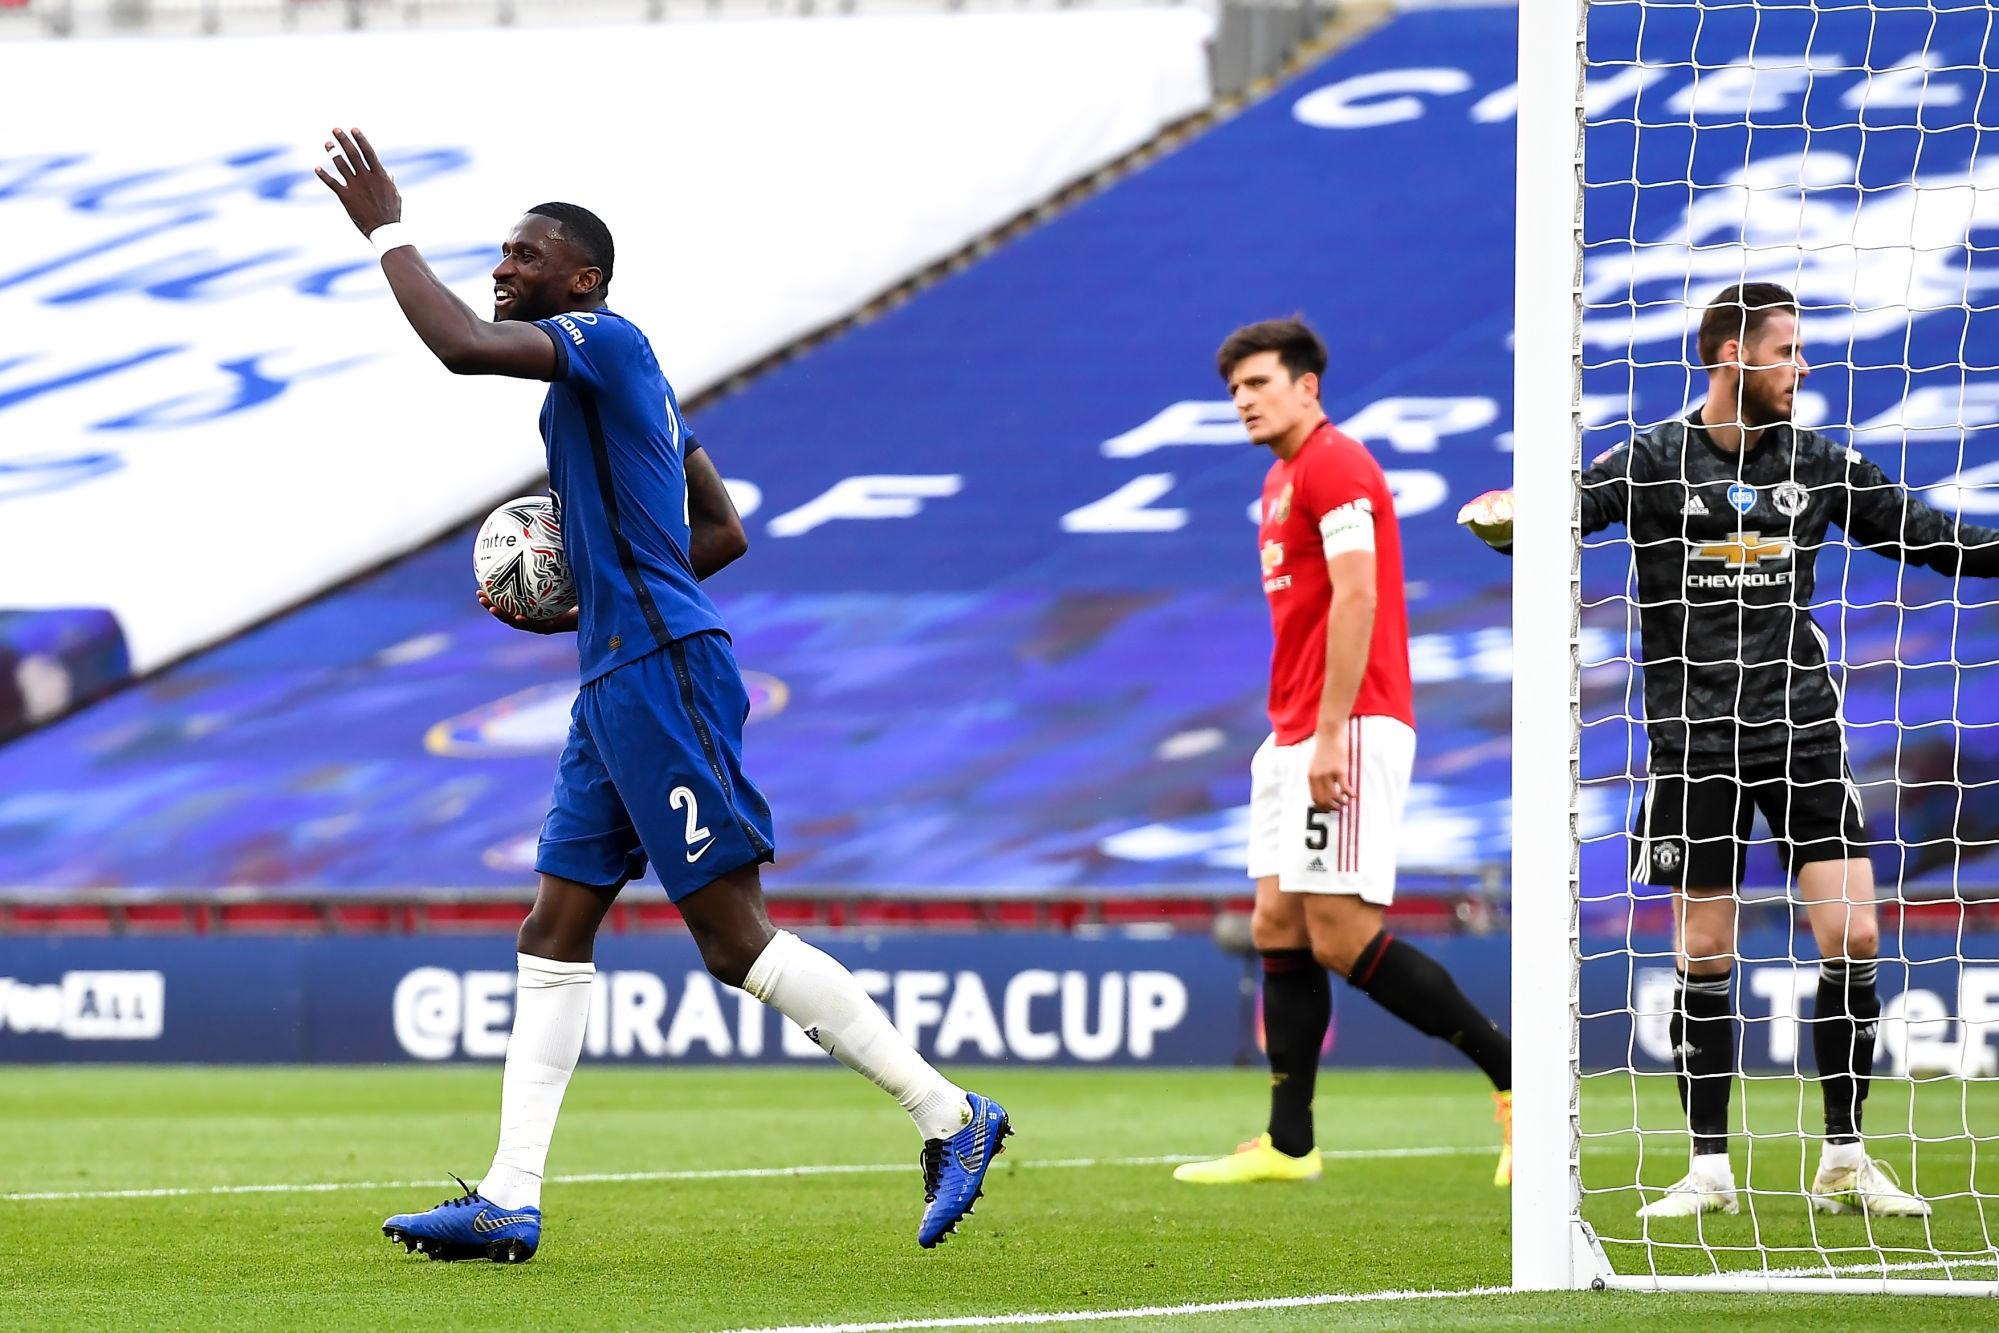 Mercato - Rüdiger sur le départ de Chelsea, le PSG serait intéressé